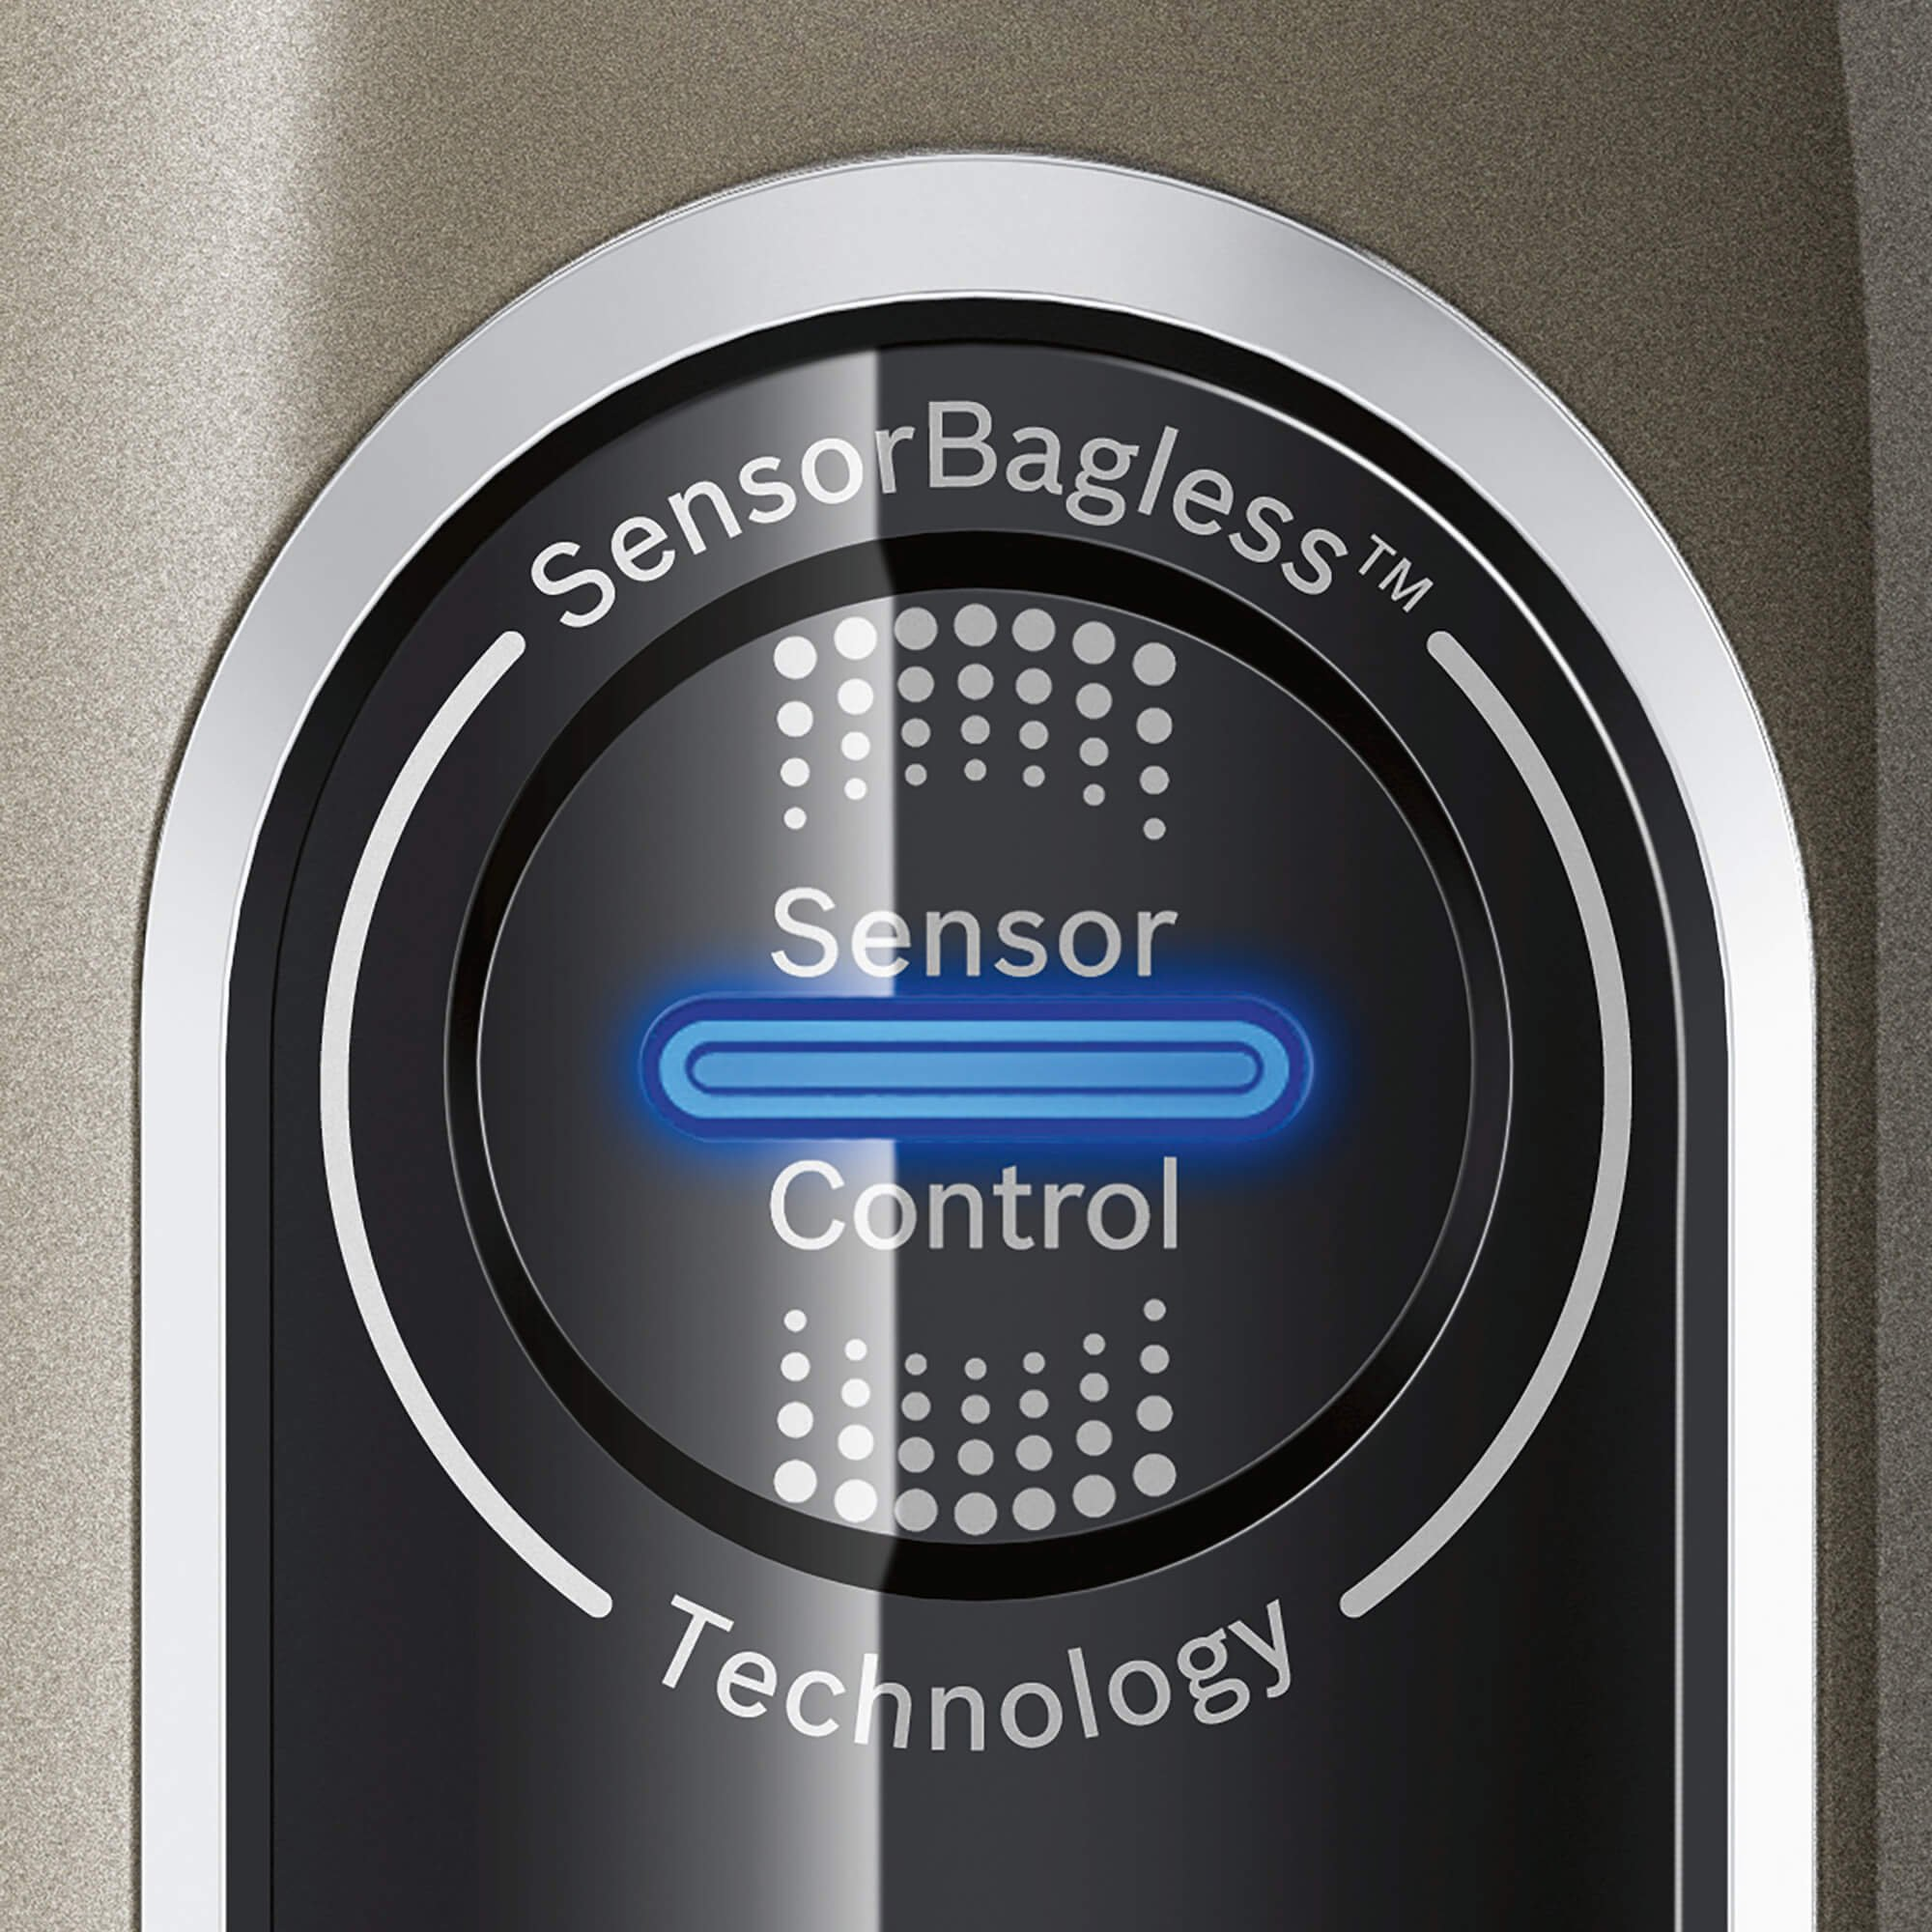 Bosch Athlet Ultimate–Staubsauger ohne Kabel für große Wohnungen, Reichweite bis zu 75Minuten, SmartSensor Kontrolle, Turbobürste motorisiert, rotationclean, Beige Aluminium und Chrom